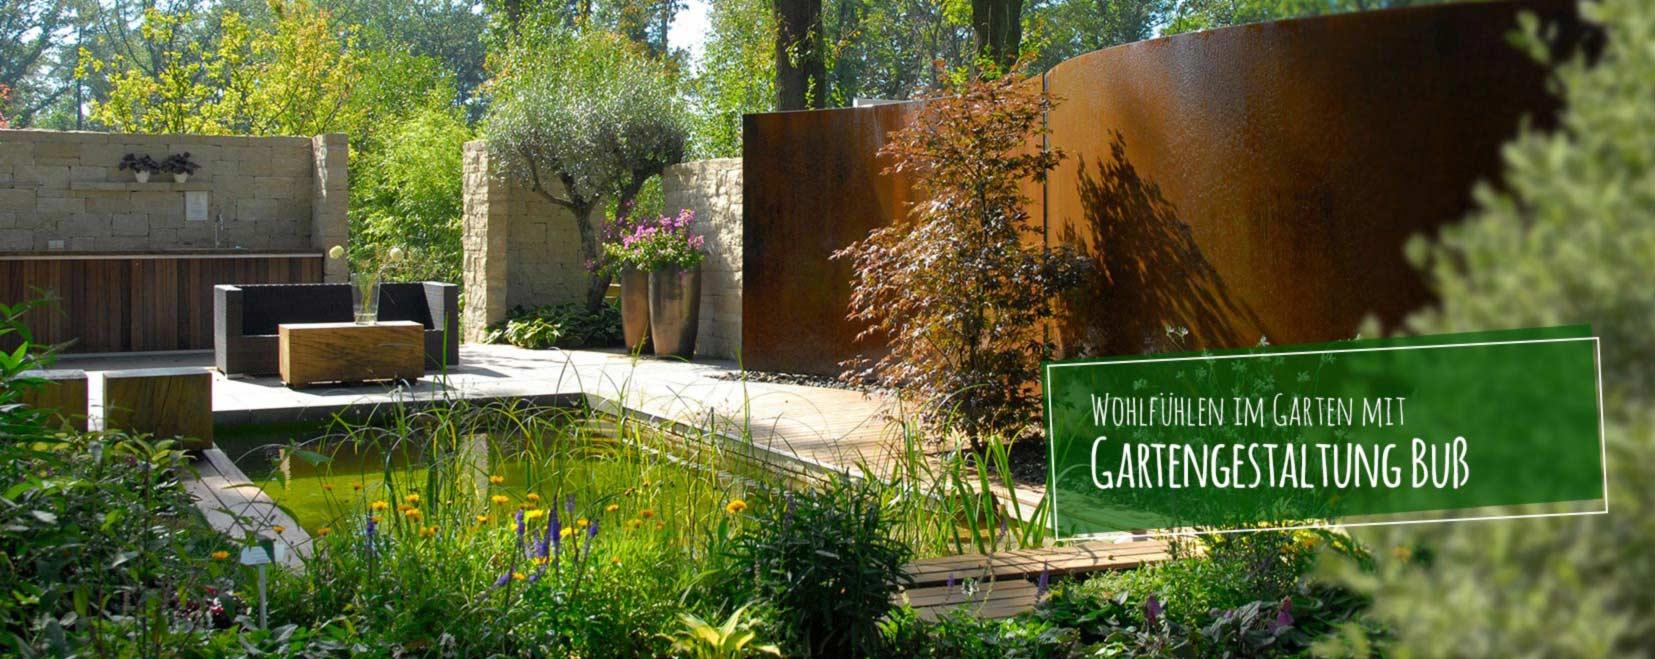 Natur-Pool Pflanzen als Filter ohne Chemie